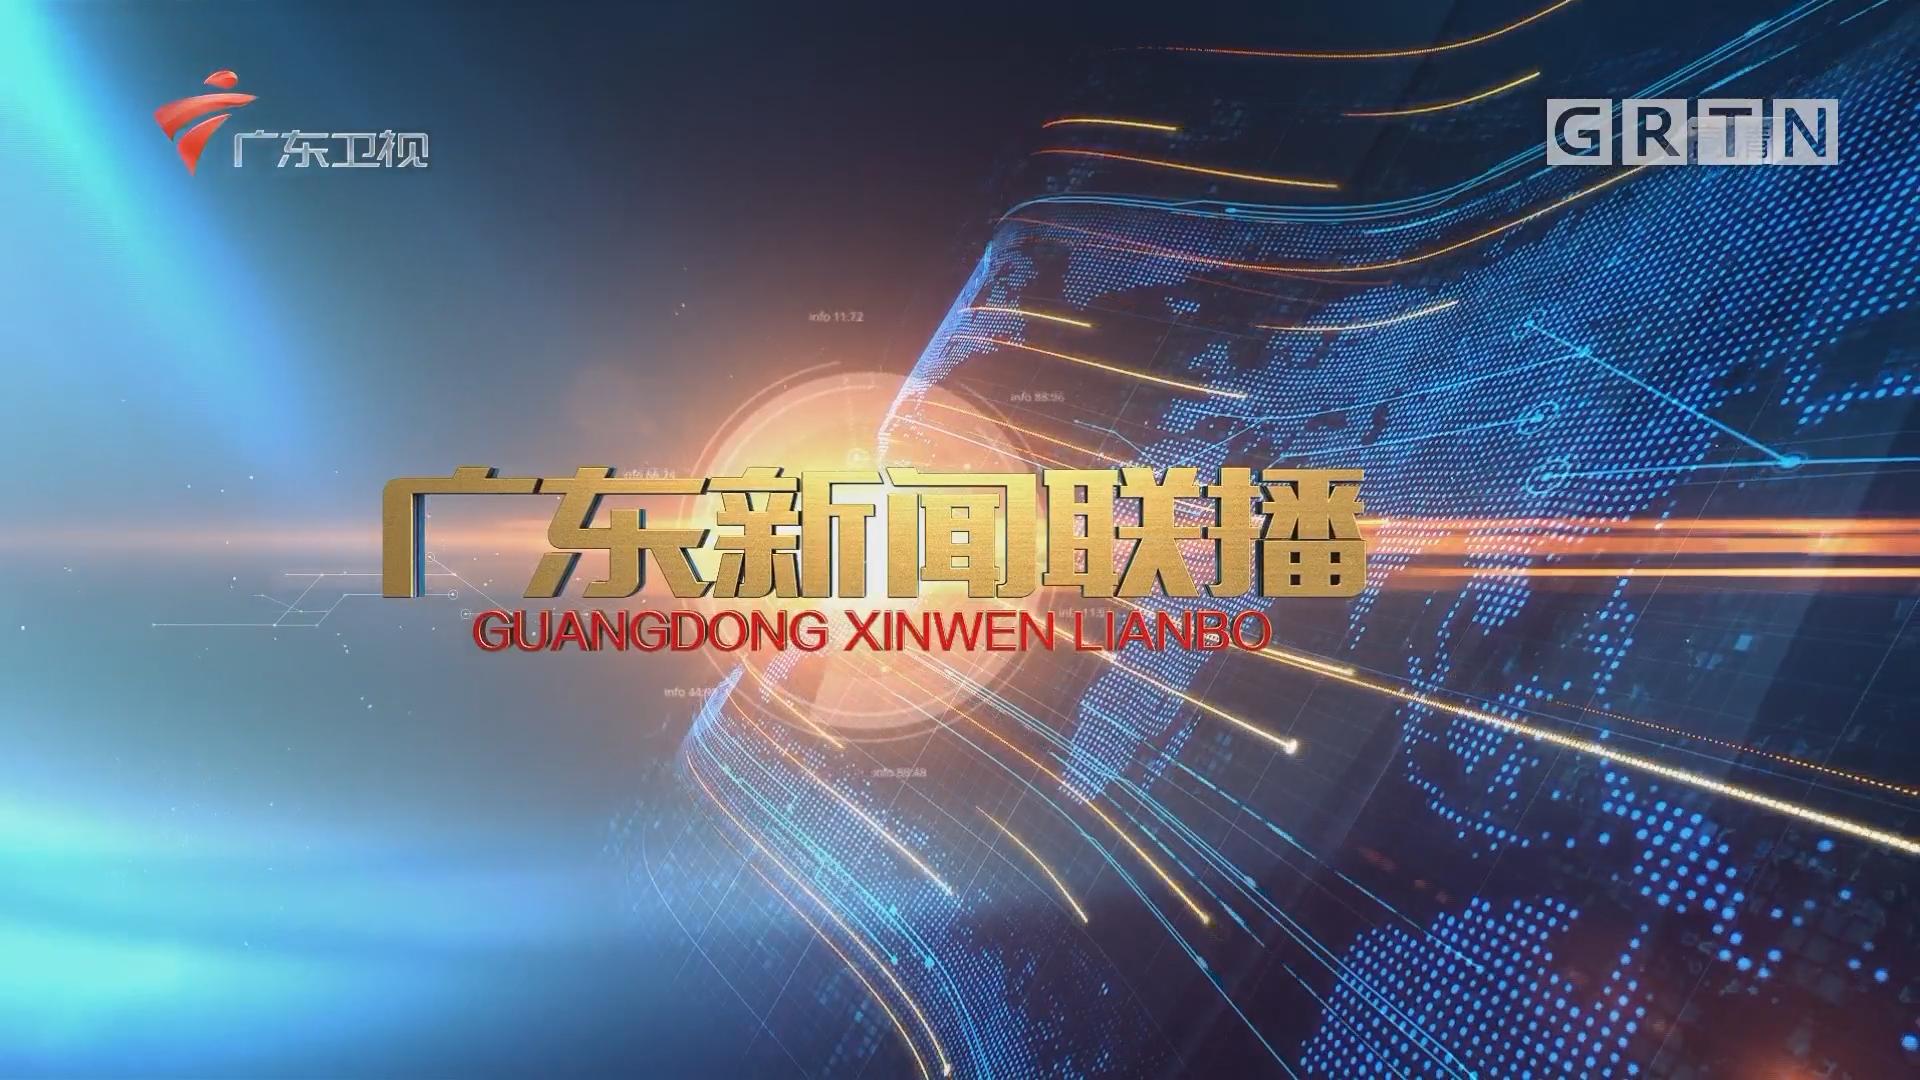 [HD][2018-02-16]广东新闻联播:习近平回信祝福和勉励香港青少年